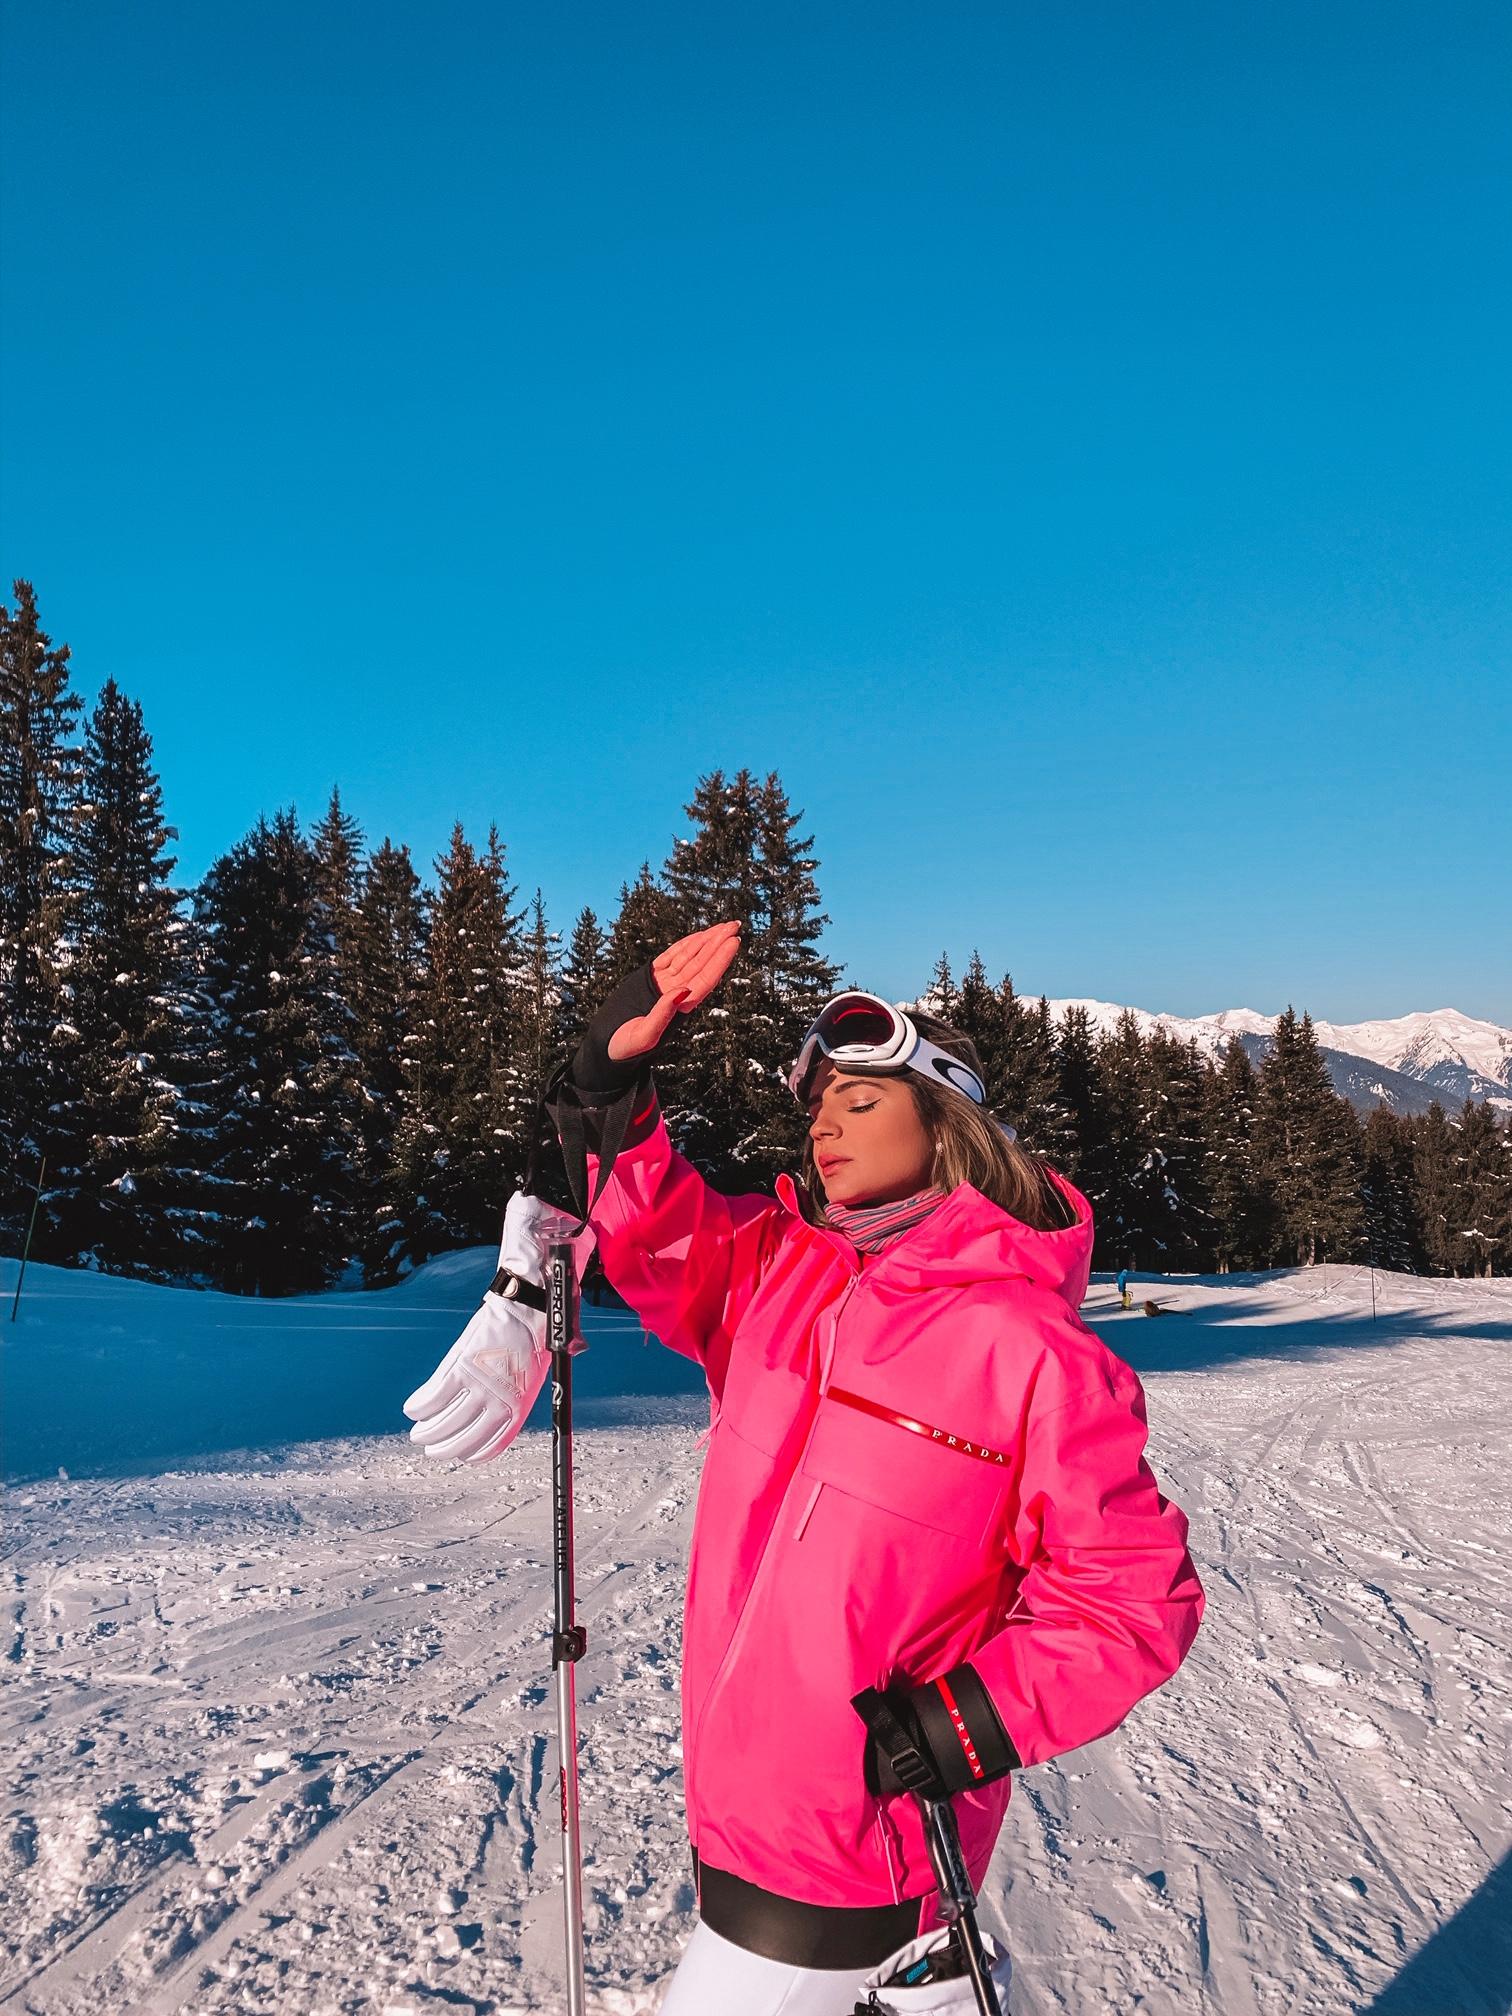 Thássia ski courchevel rosa neon 2